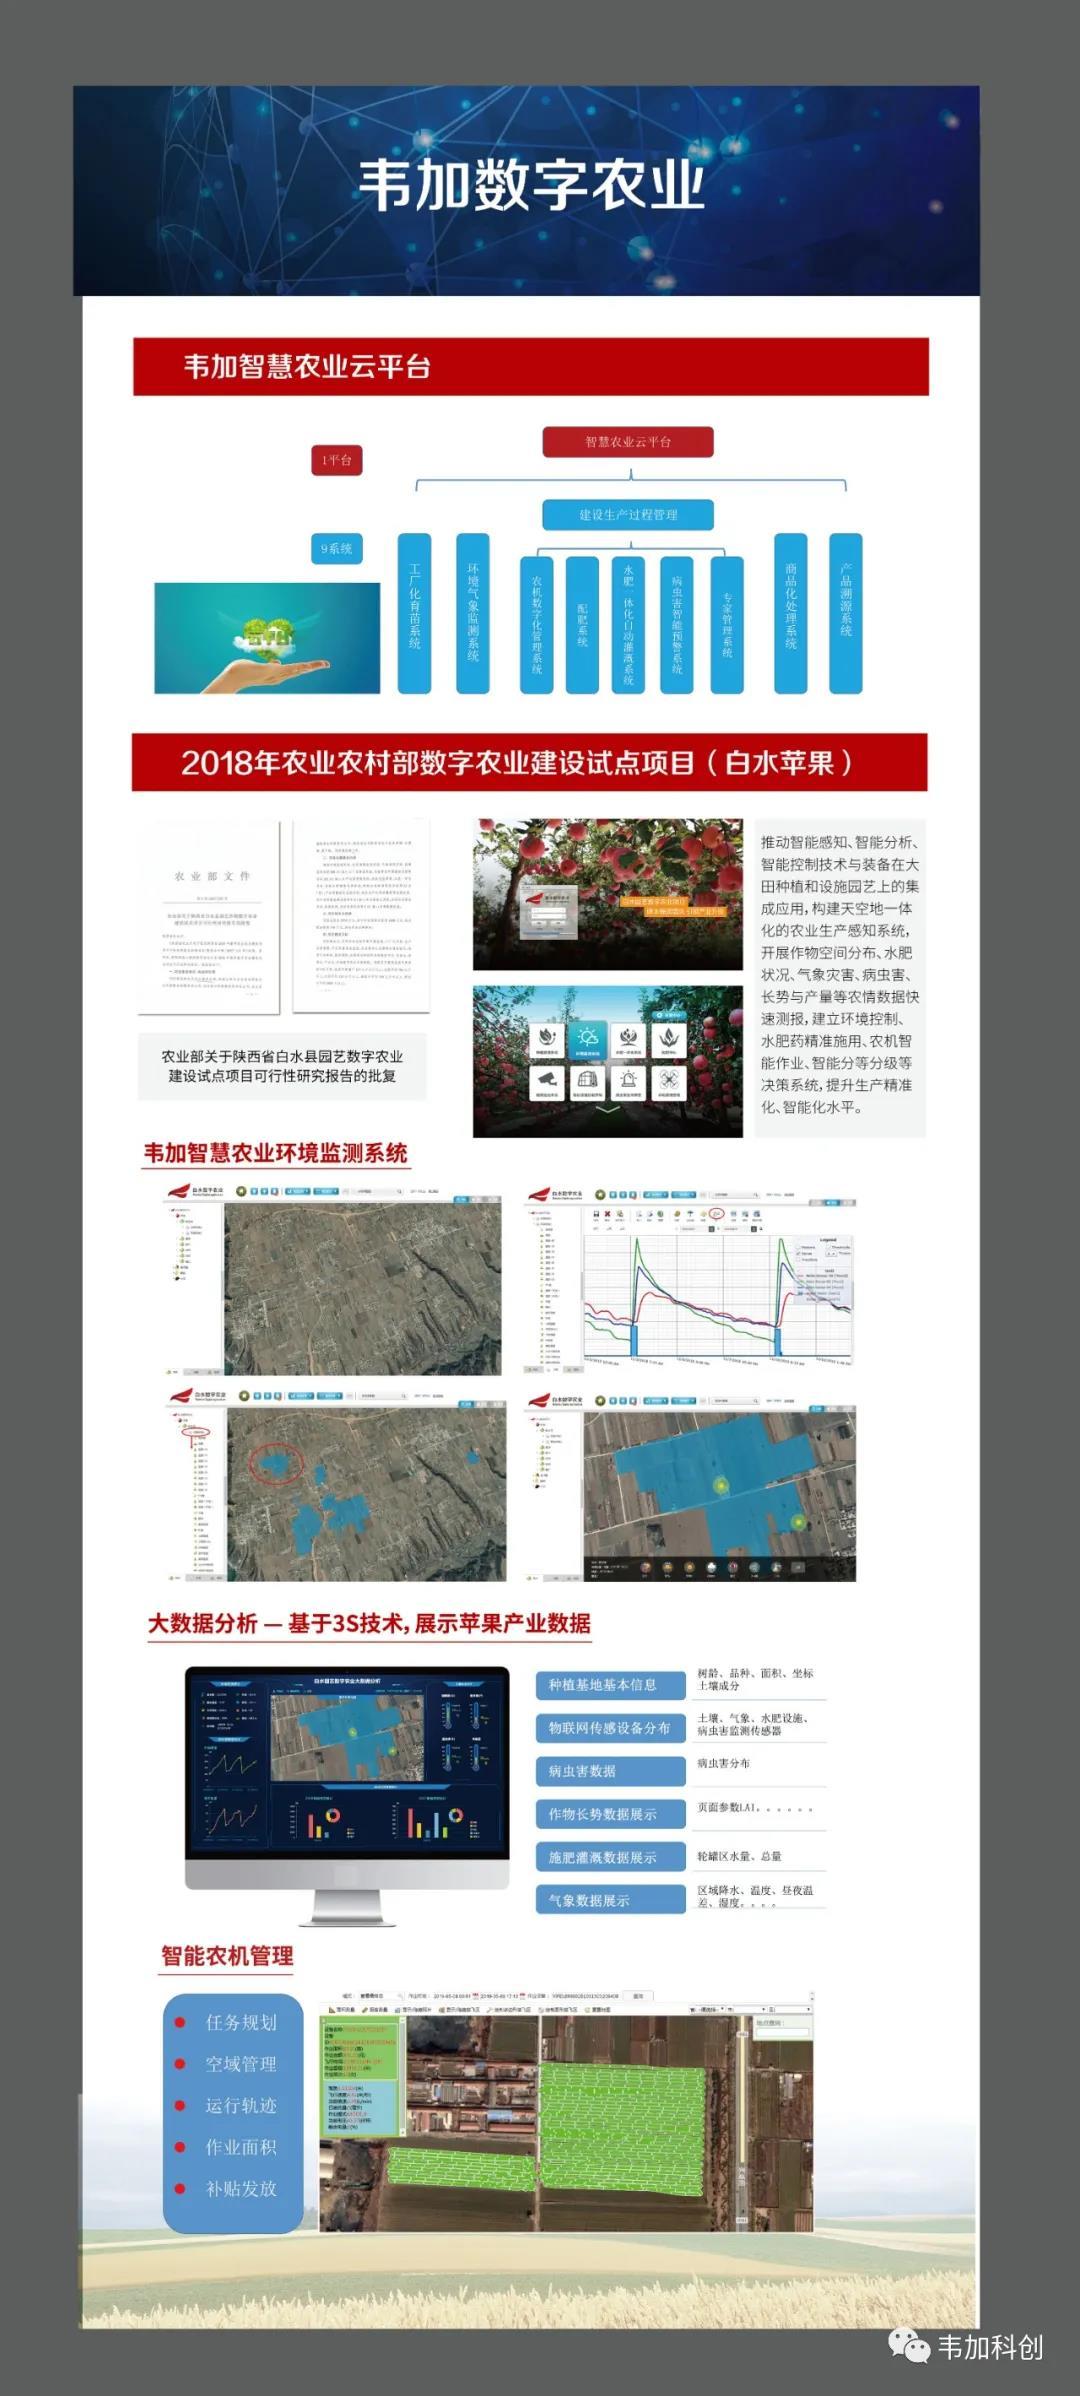 韦加智能受邀参加2020长春国际无人机产业博览会5